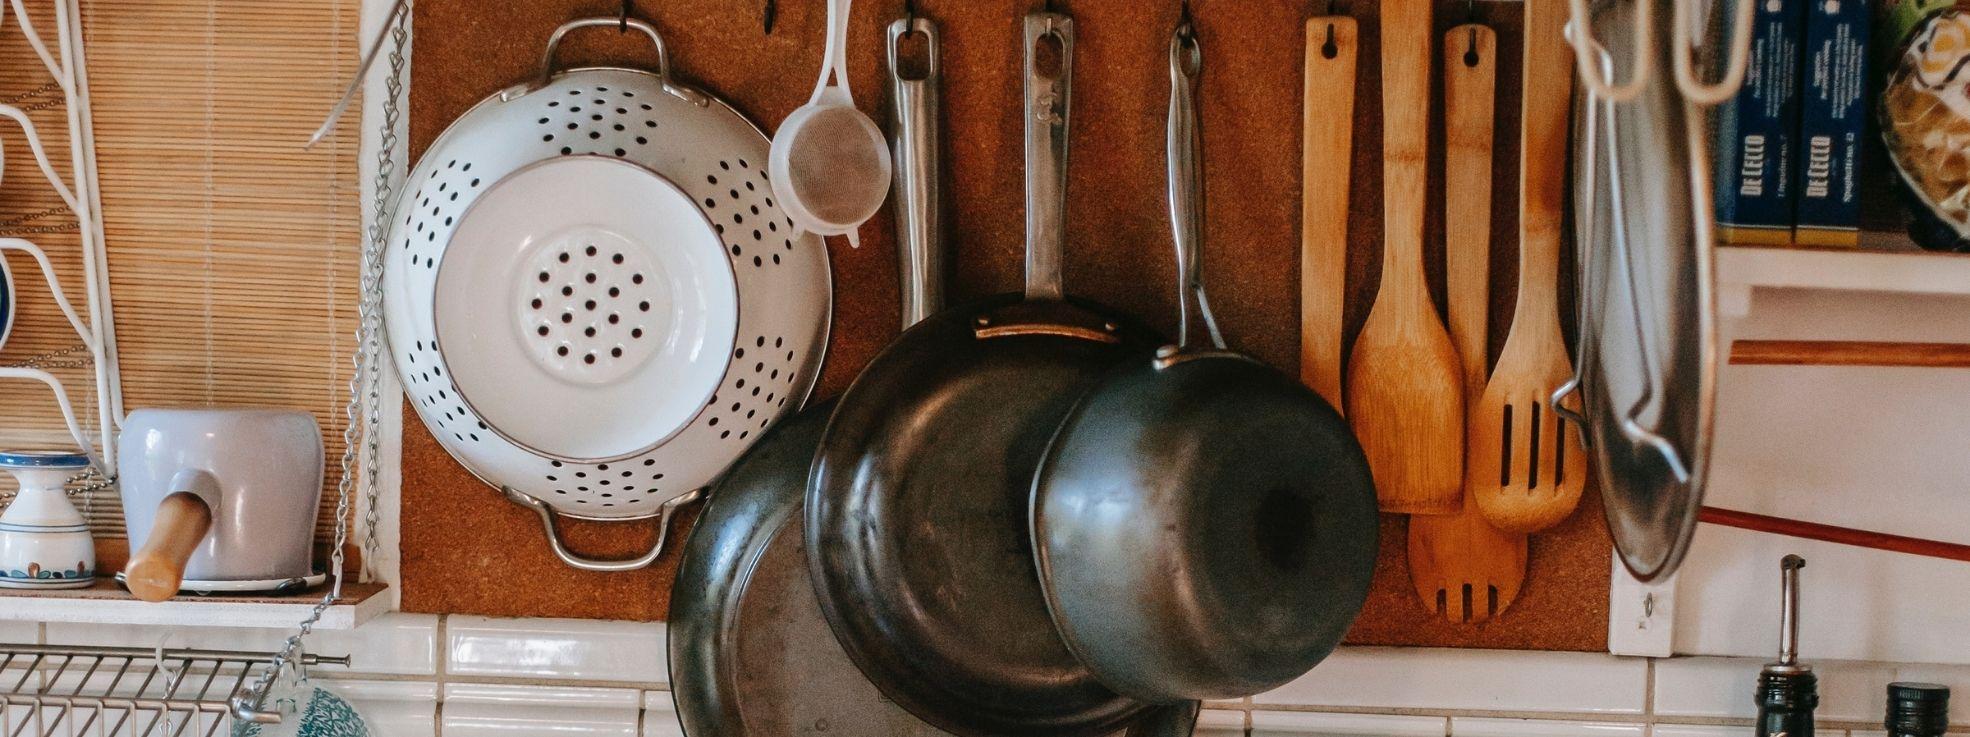 باورچی خانے کے ضروری برتن جو ہر نئے باورچی کے پاس ہونے چاہئیں